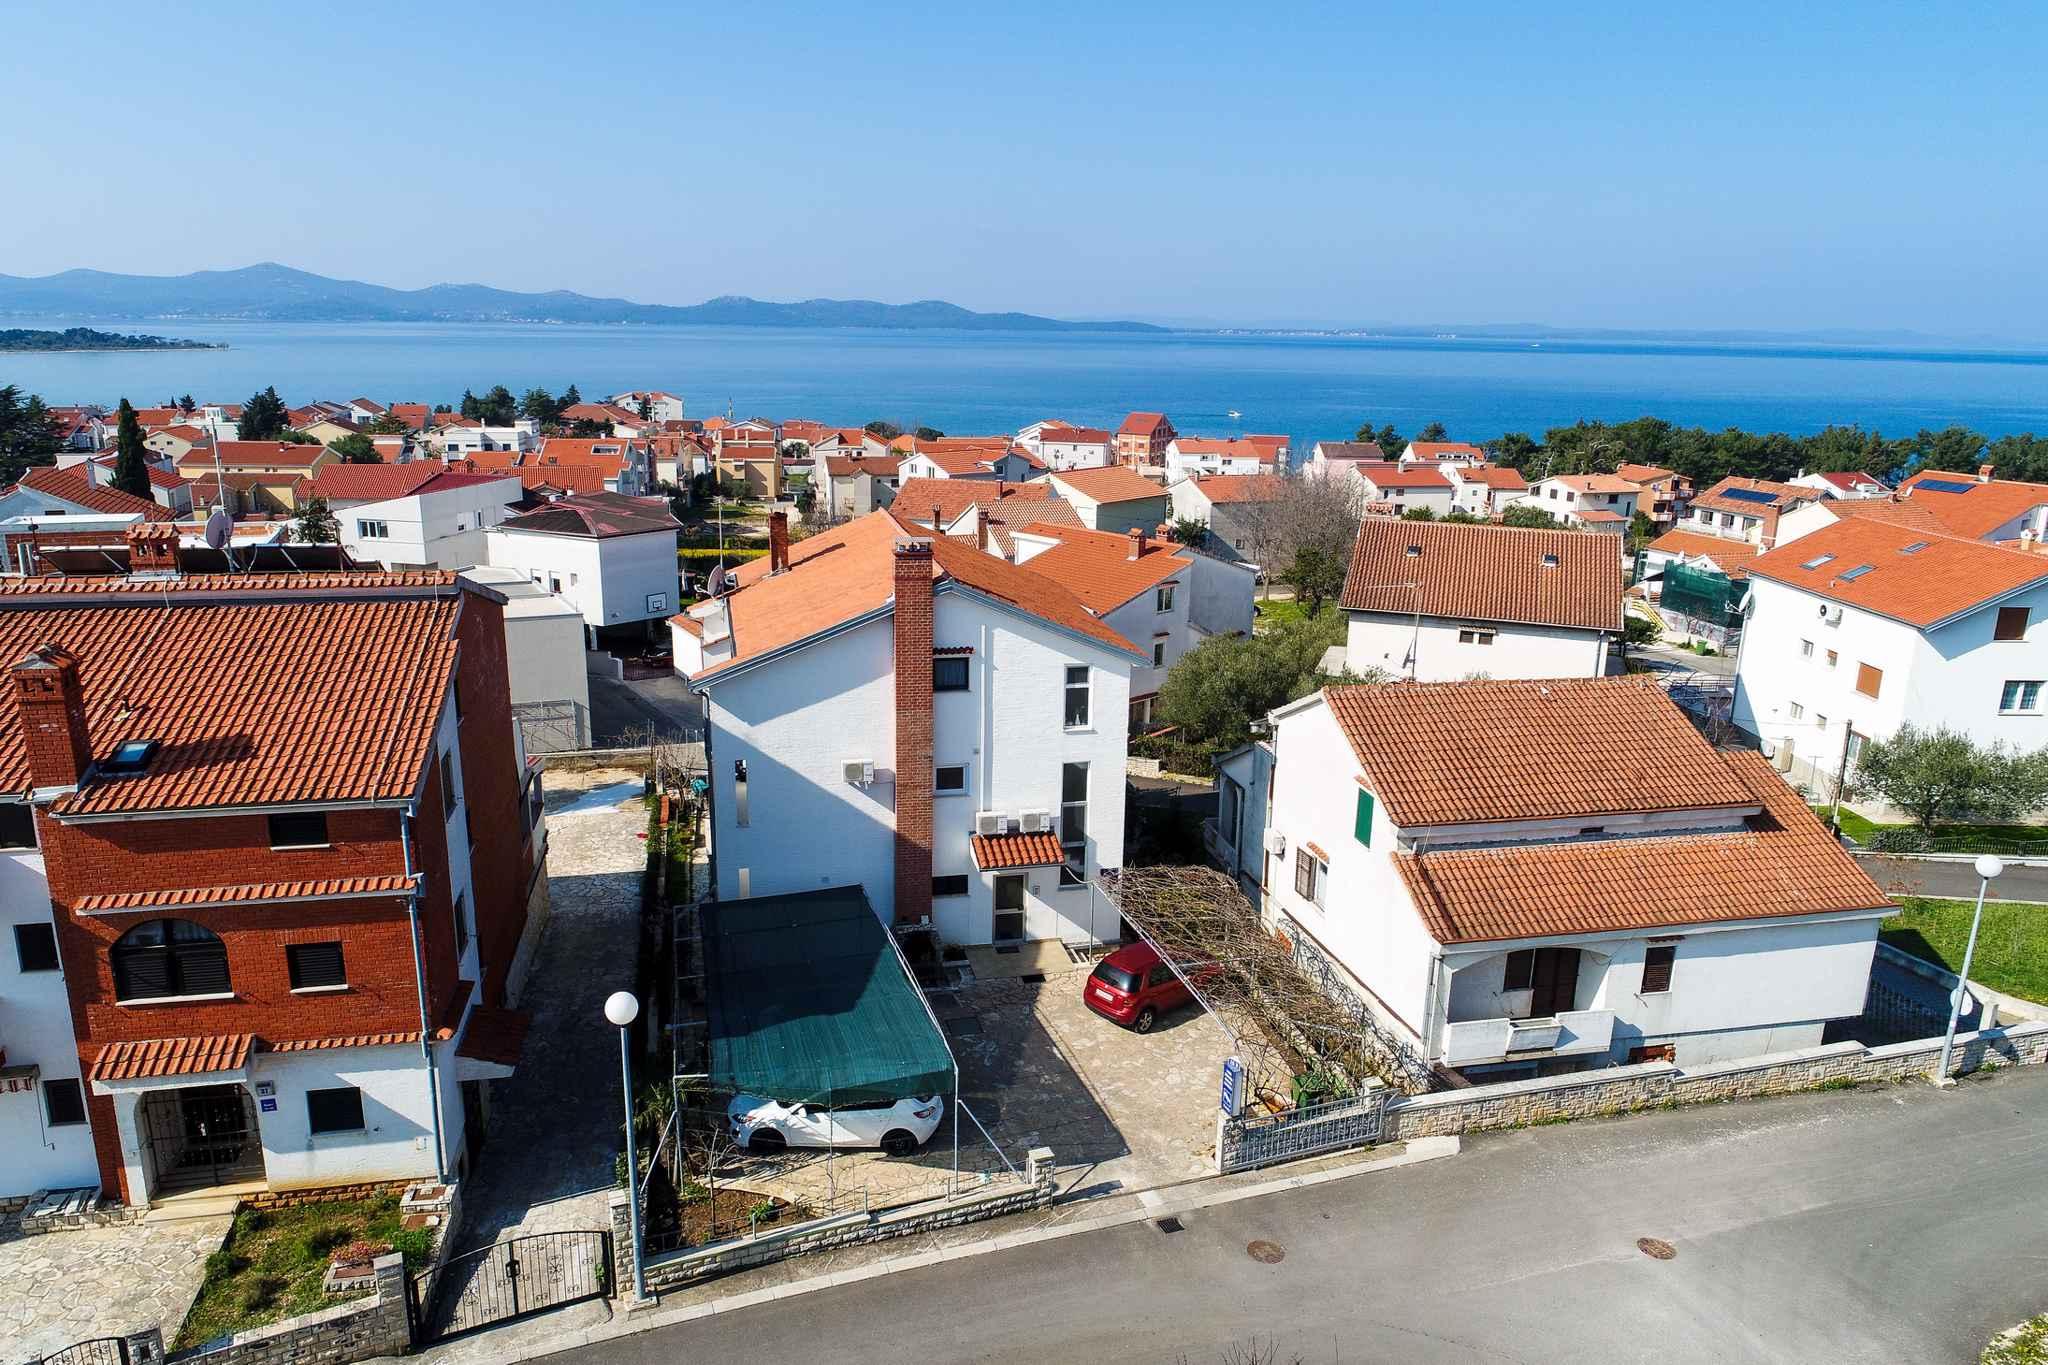 Ferienwohnung mit Meerblick (278910), Zadar, , Dalmatien, Kroatien, Bild 4